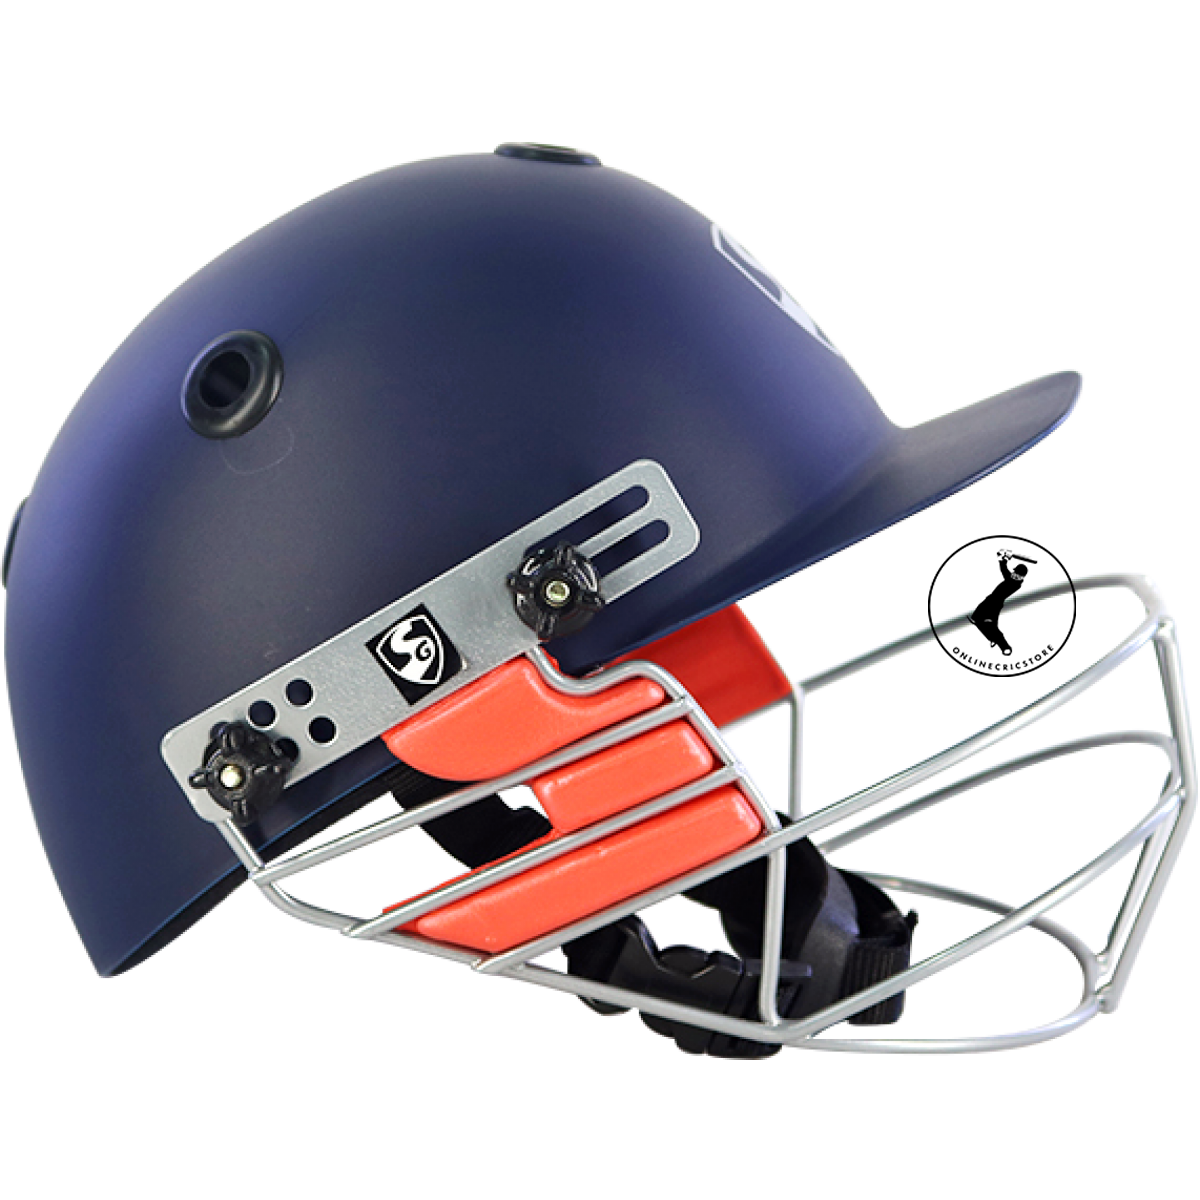 Sg optipro cricket helmet Helmet, Football helmets, Cricket